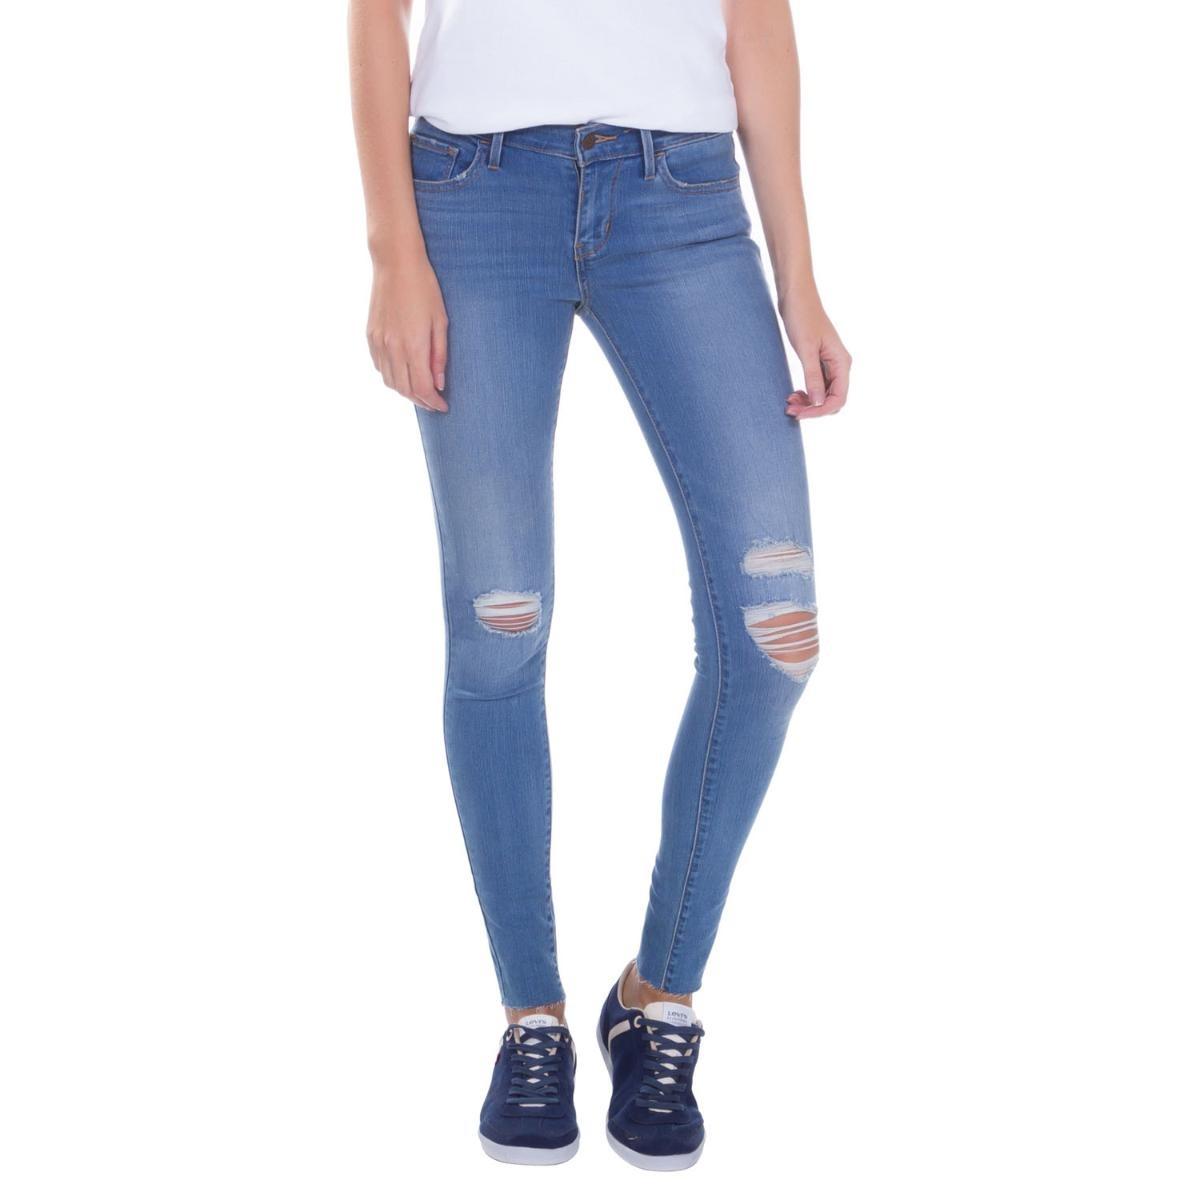 calça jeans levis women 710 super skinny azul destroyed. Carregando zoom. 9c2db182e7f